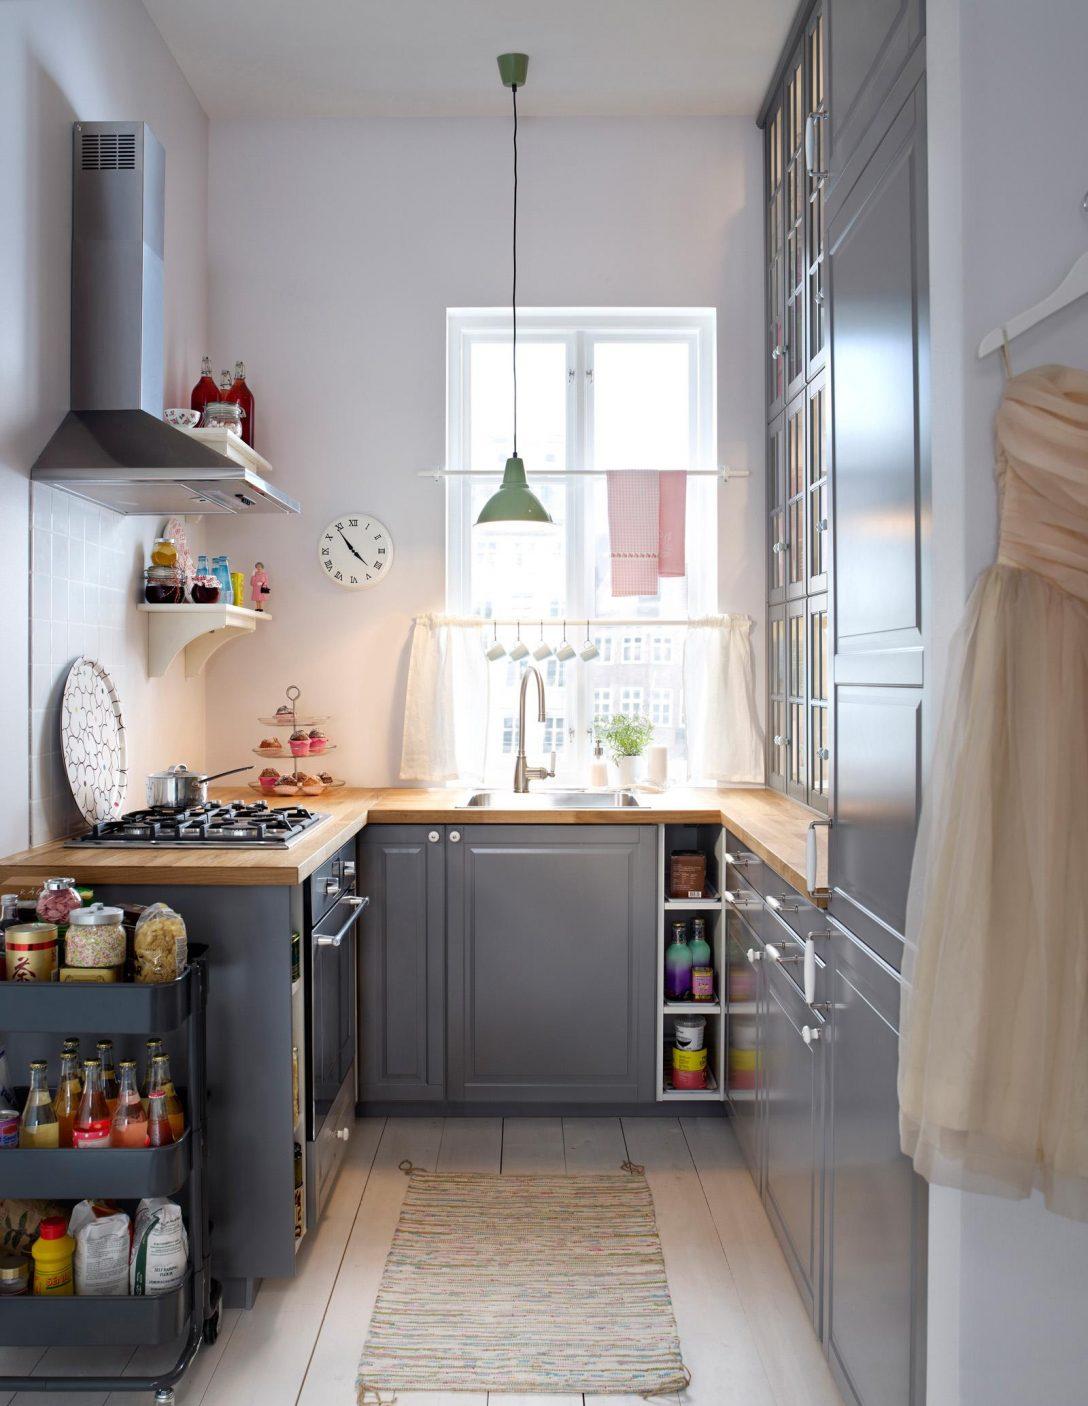 Large Size of Küche Aufbewahrung Wand Ideen Kleine Küche Aufbewahrung Küche Aufbewahrung Vintage Küche Aufbewahrung Ideen Küche Küche Aufbewahrung